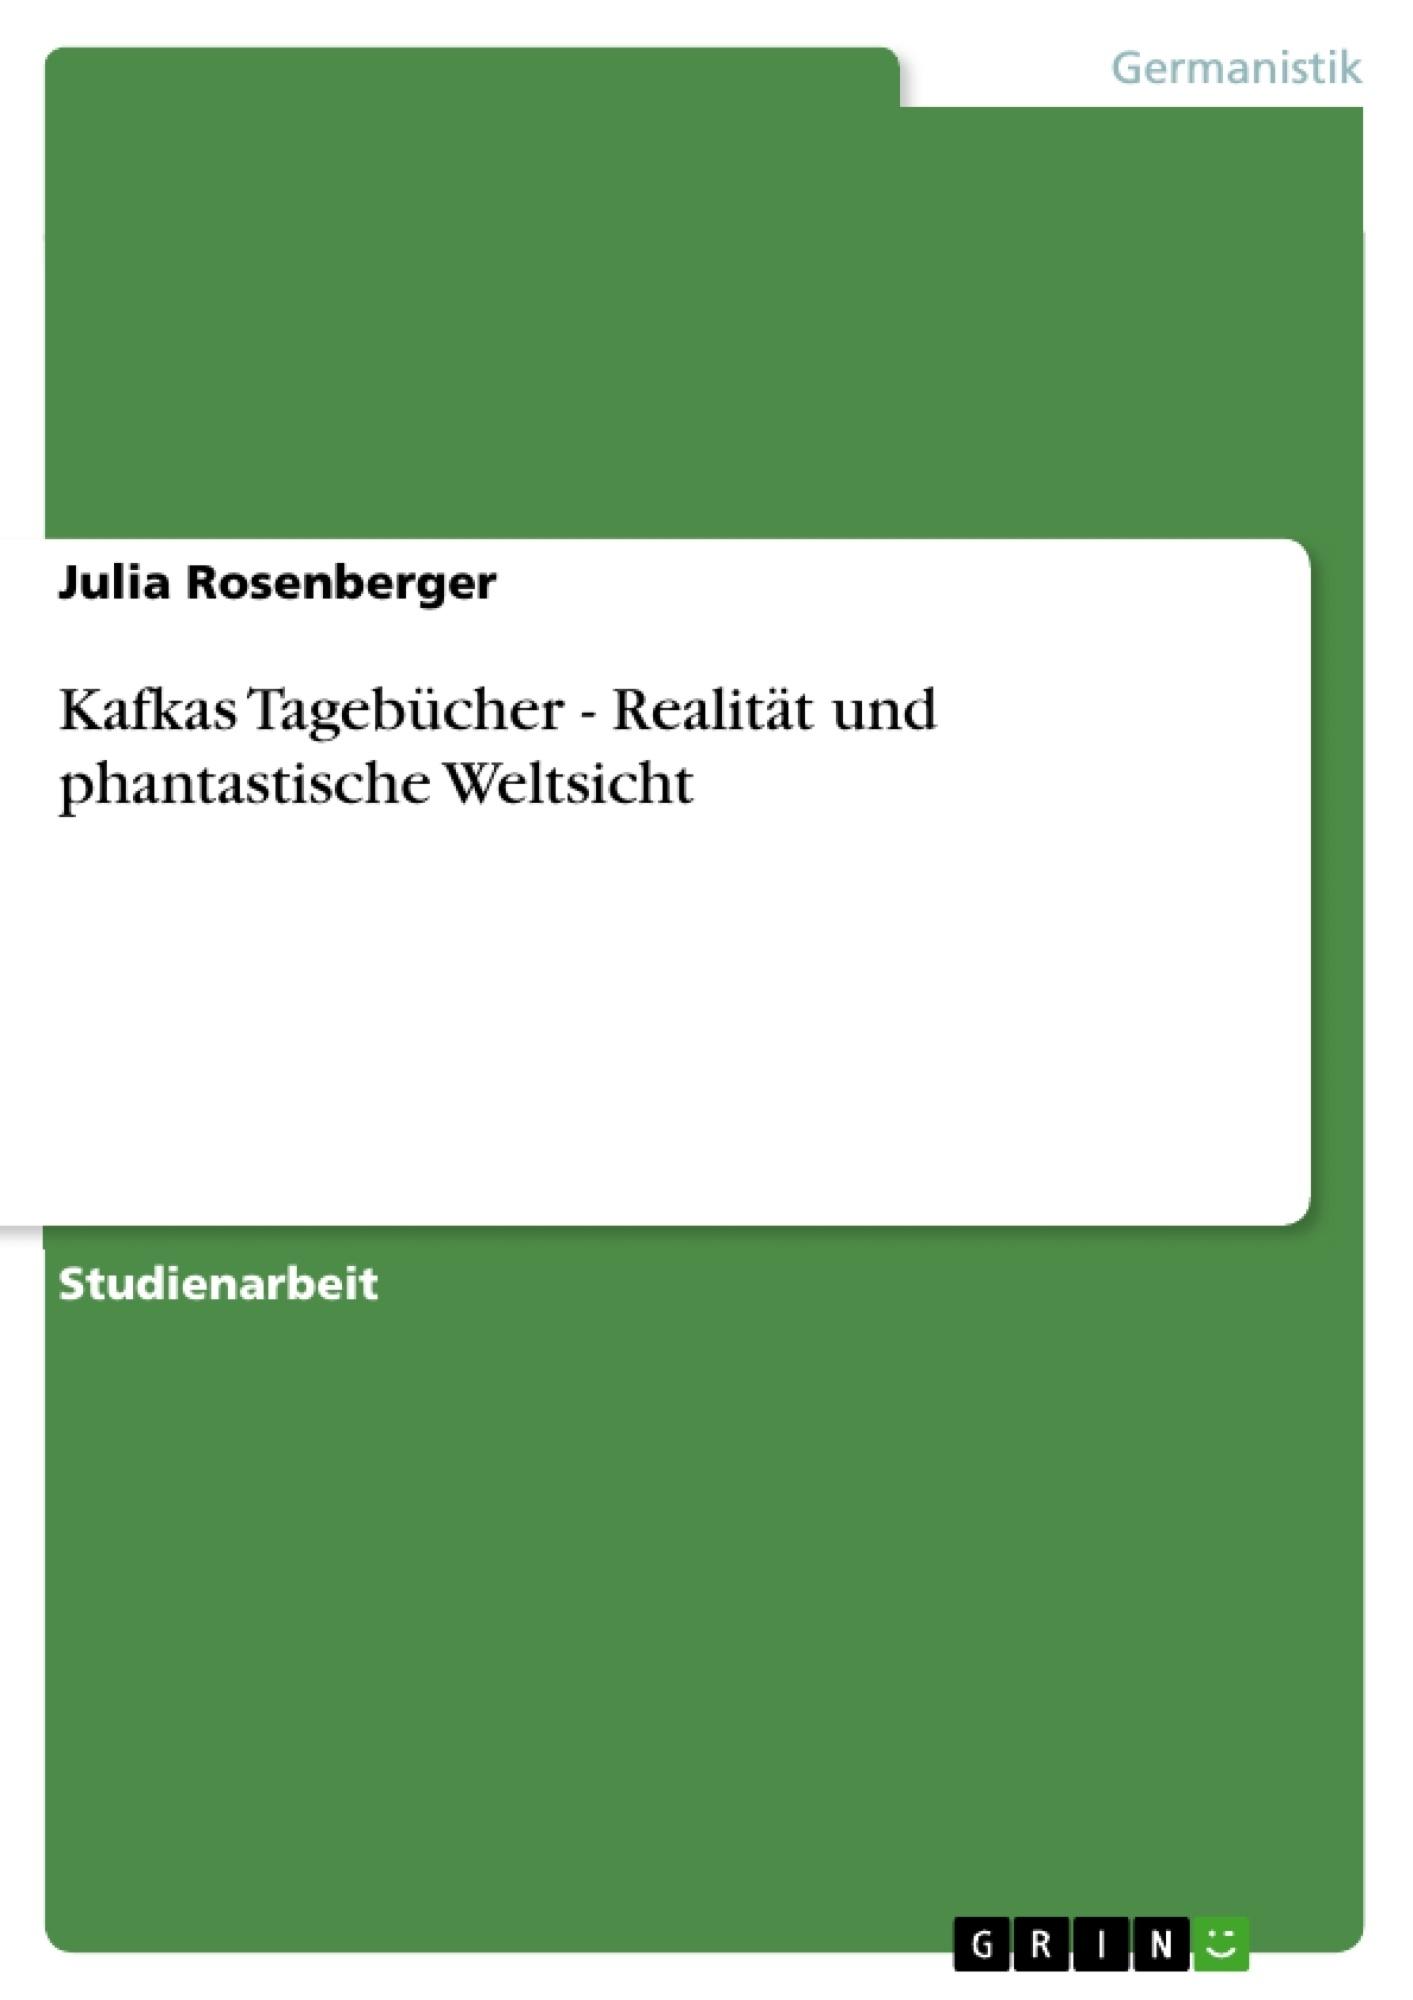 Titel: Kafkas Tagebücher - Realität und phantastische Weltsicht